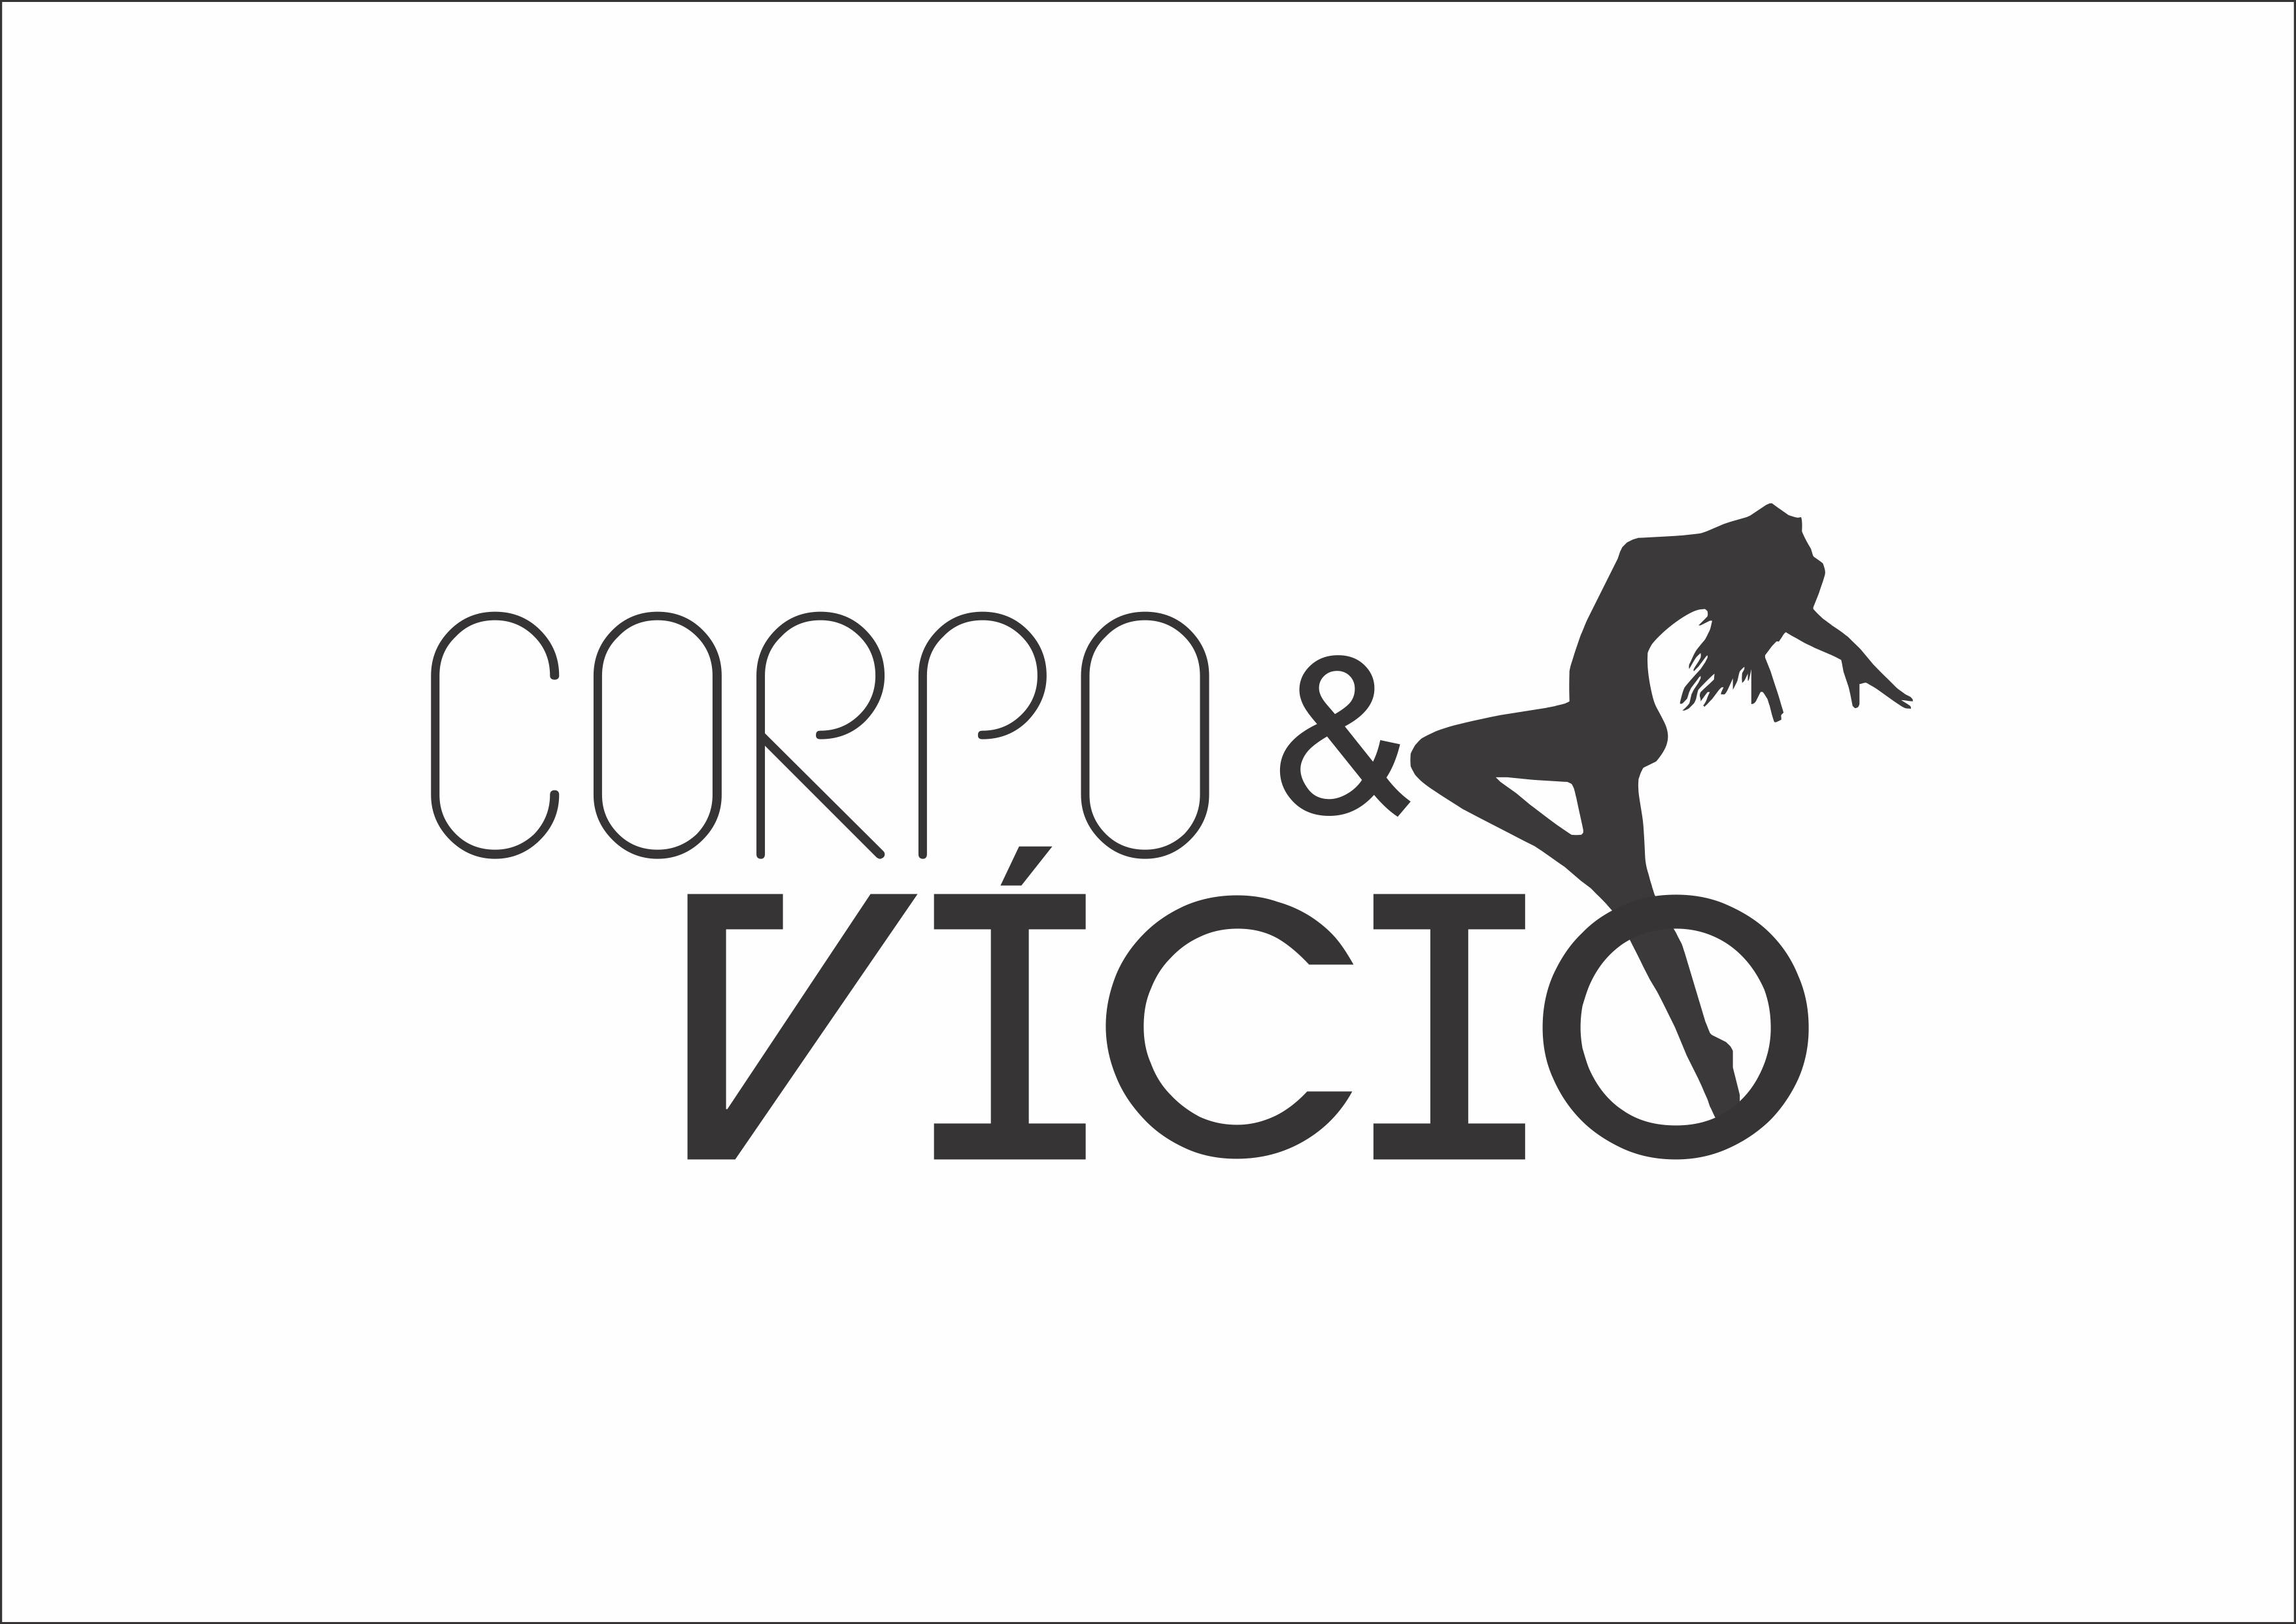 CORPO E VICIO 3